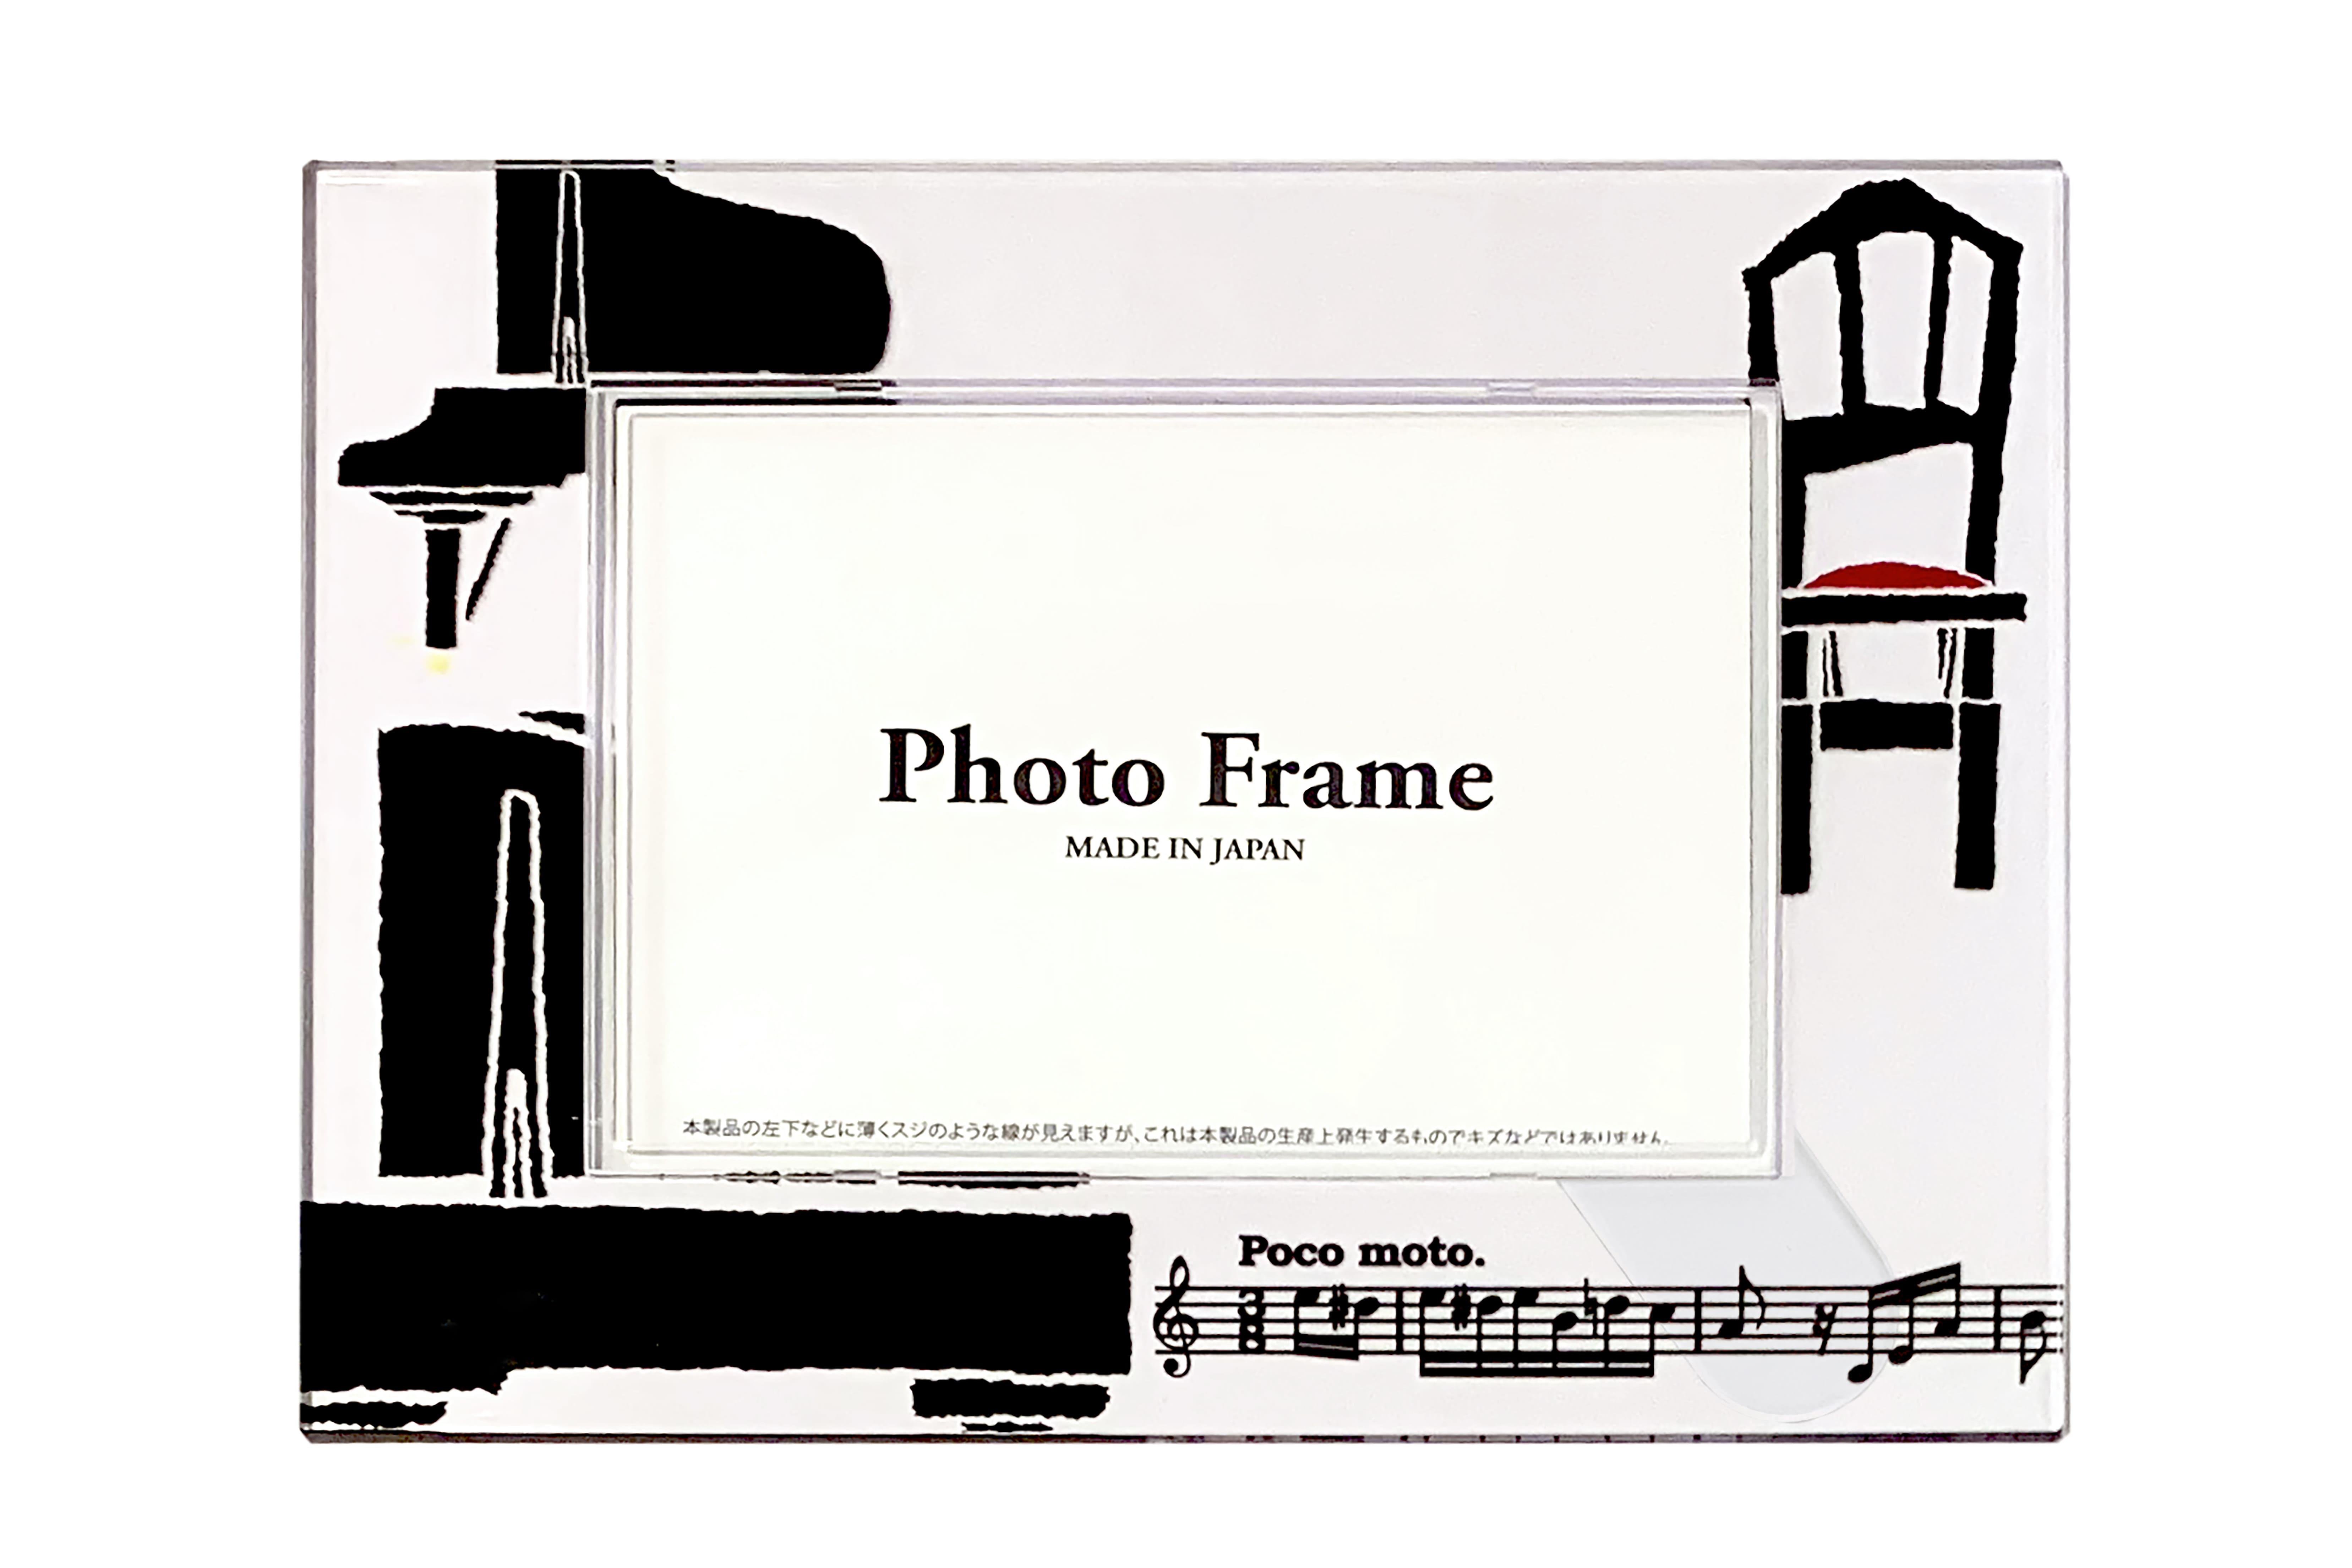 アクリルフォトフレーム ※お取り寄せ商品 引き出物 記念品 音楽雑貨 音符 ピアノモチーフ ト音記号 ピアノ雑貨